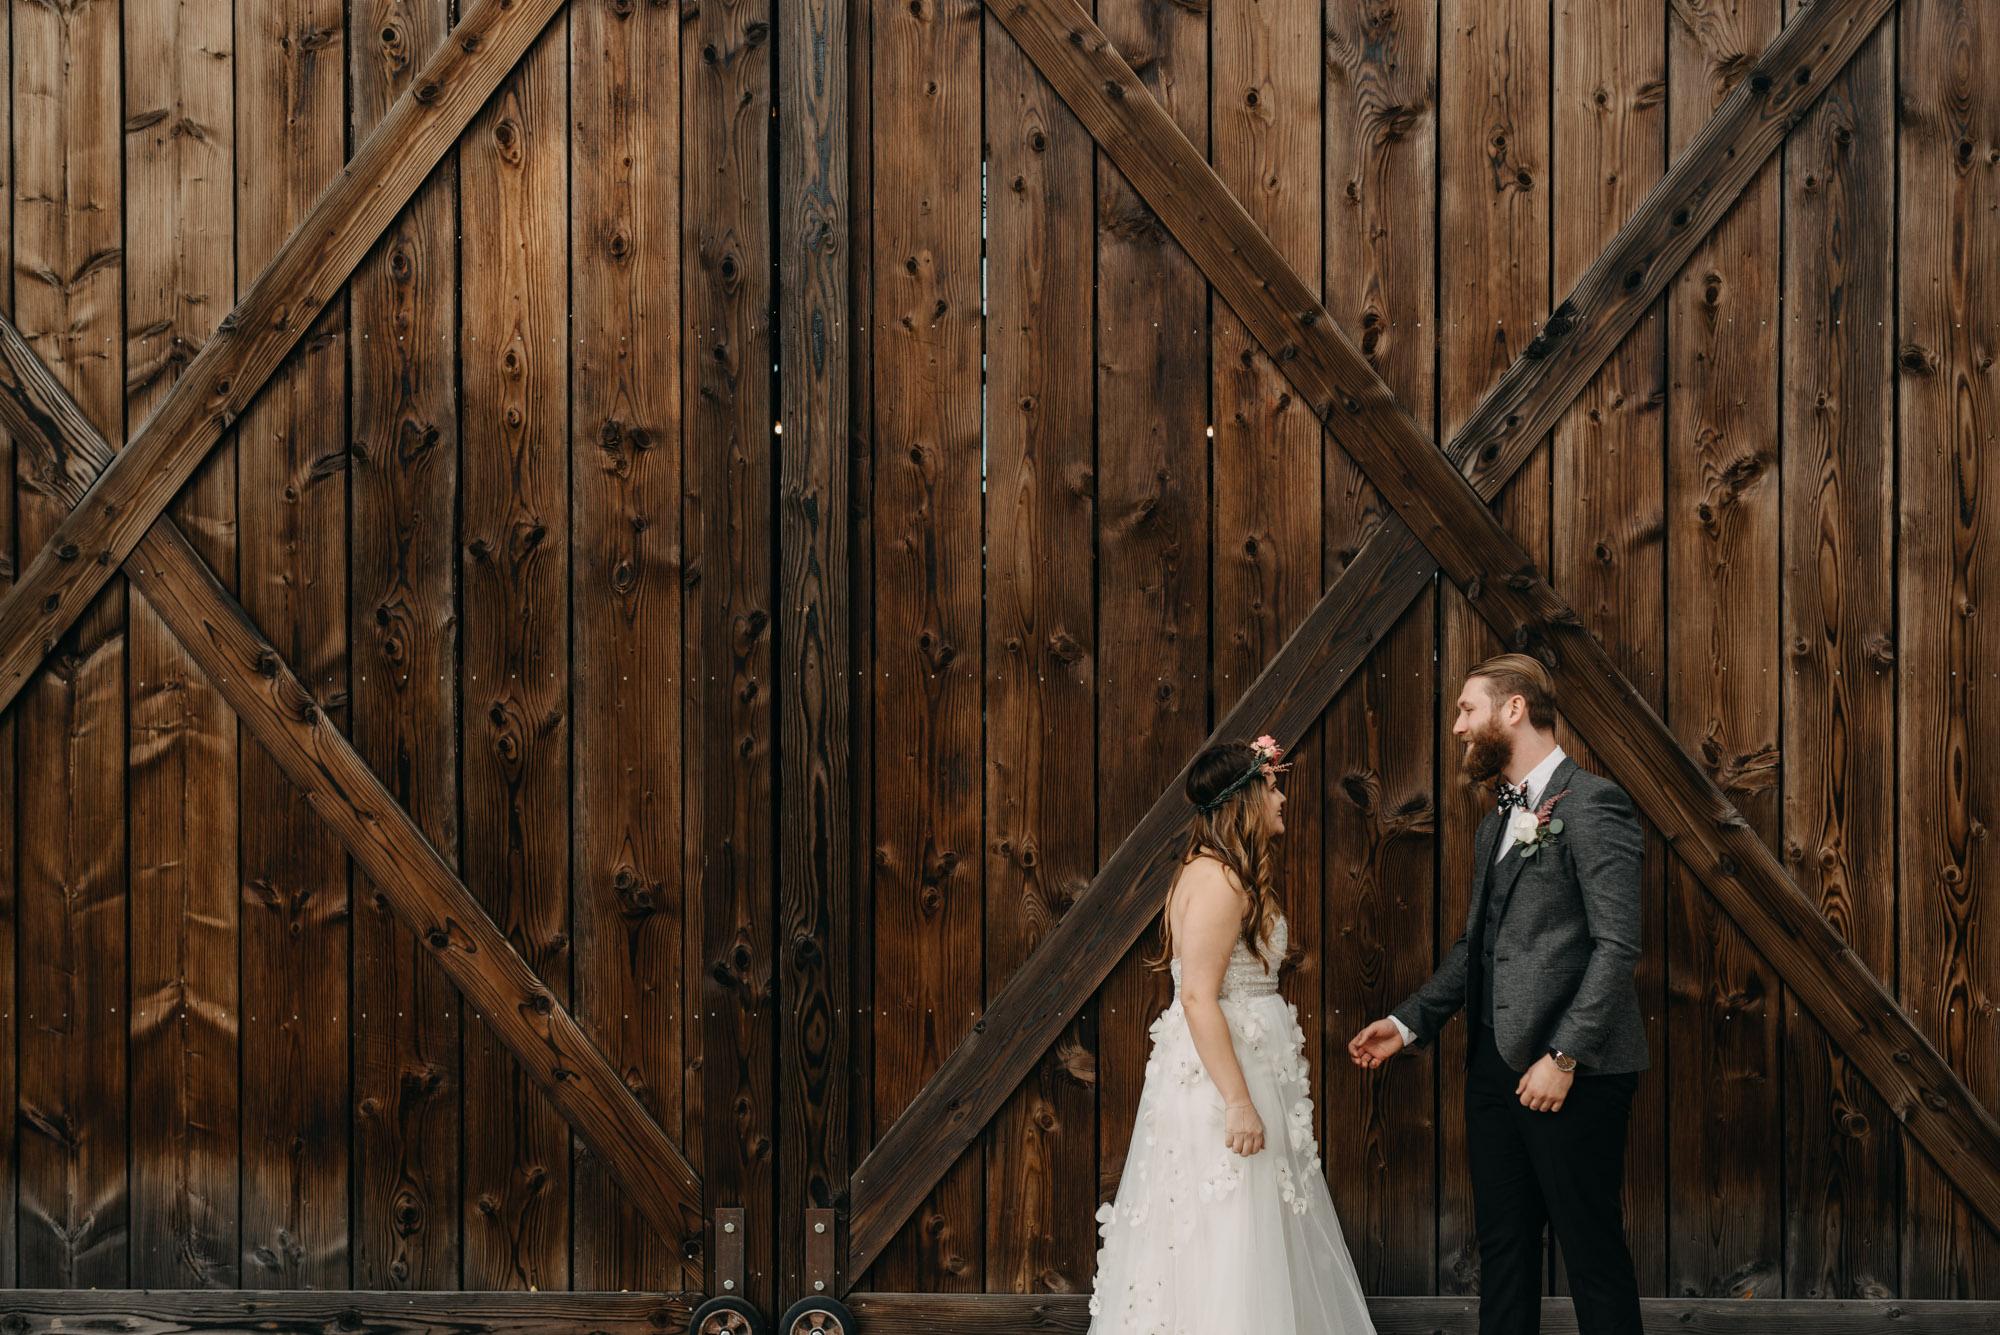 Outdoor-First-Look-Washington-Wedding-Barn-Door-8071.jpg